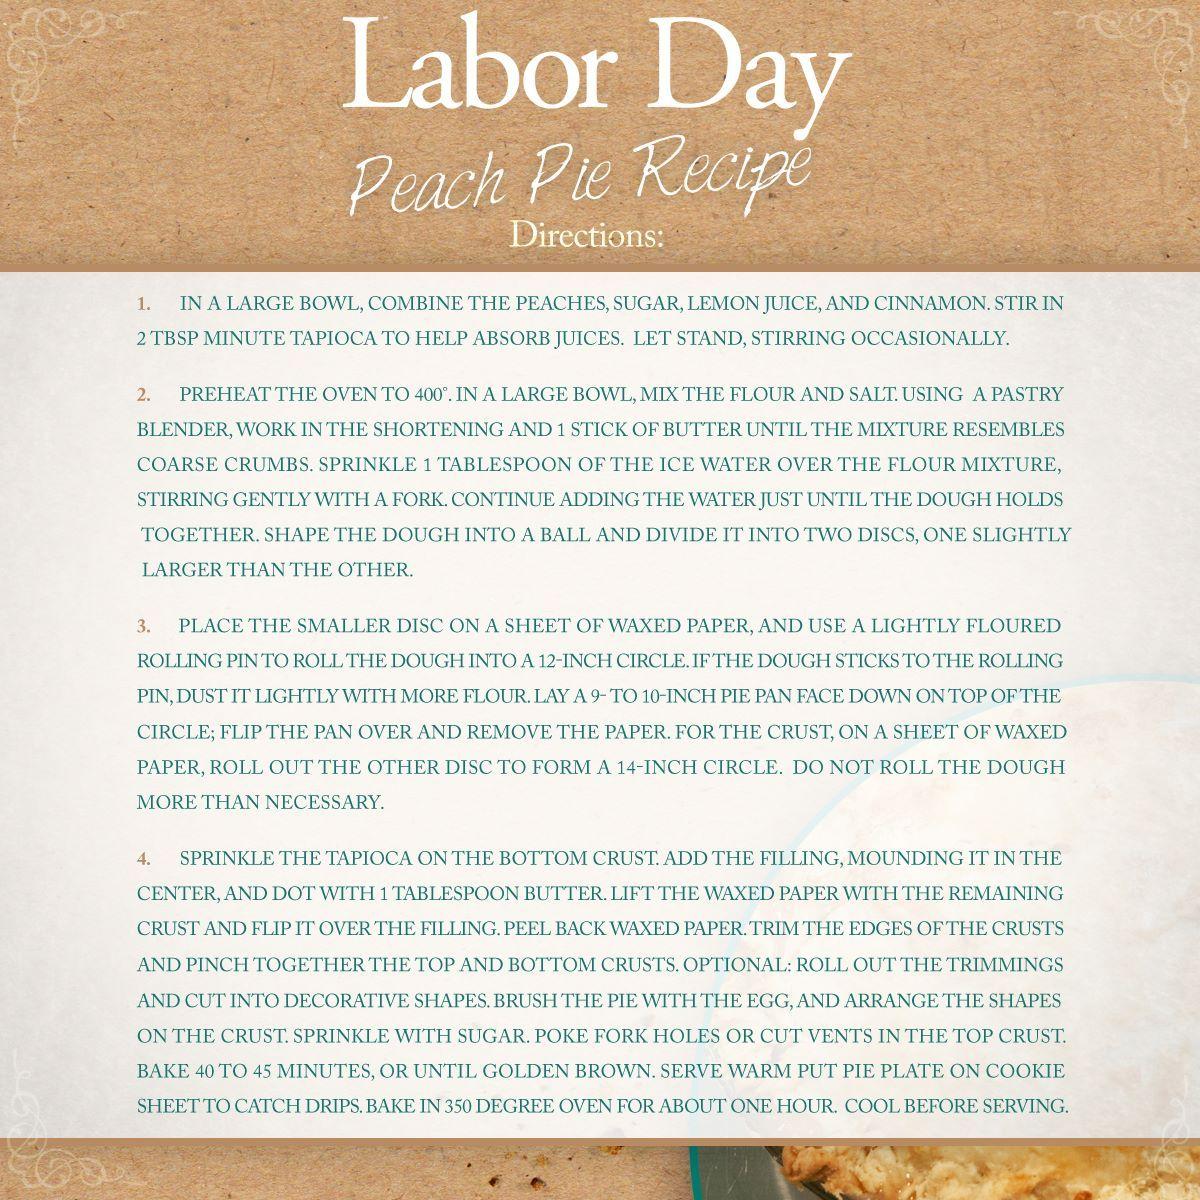 #LaborDayMovie @Influenster